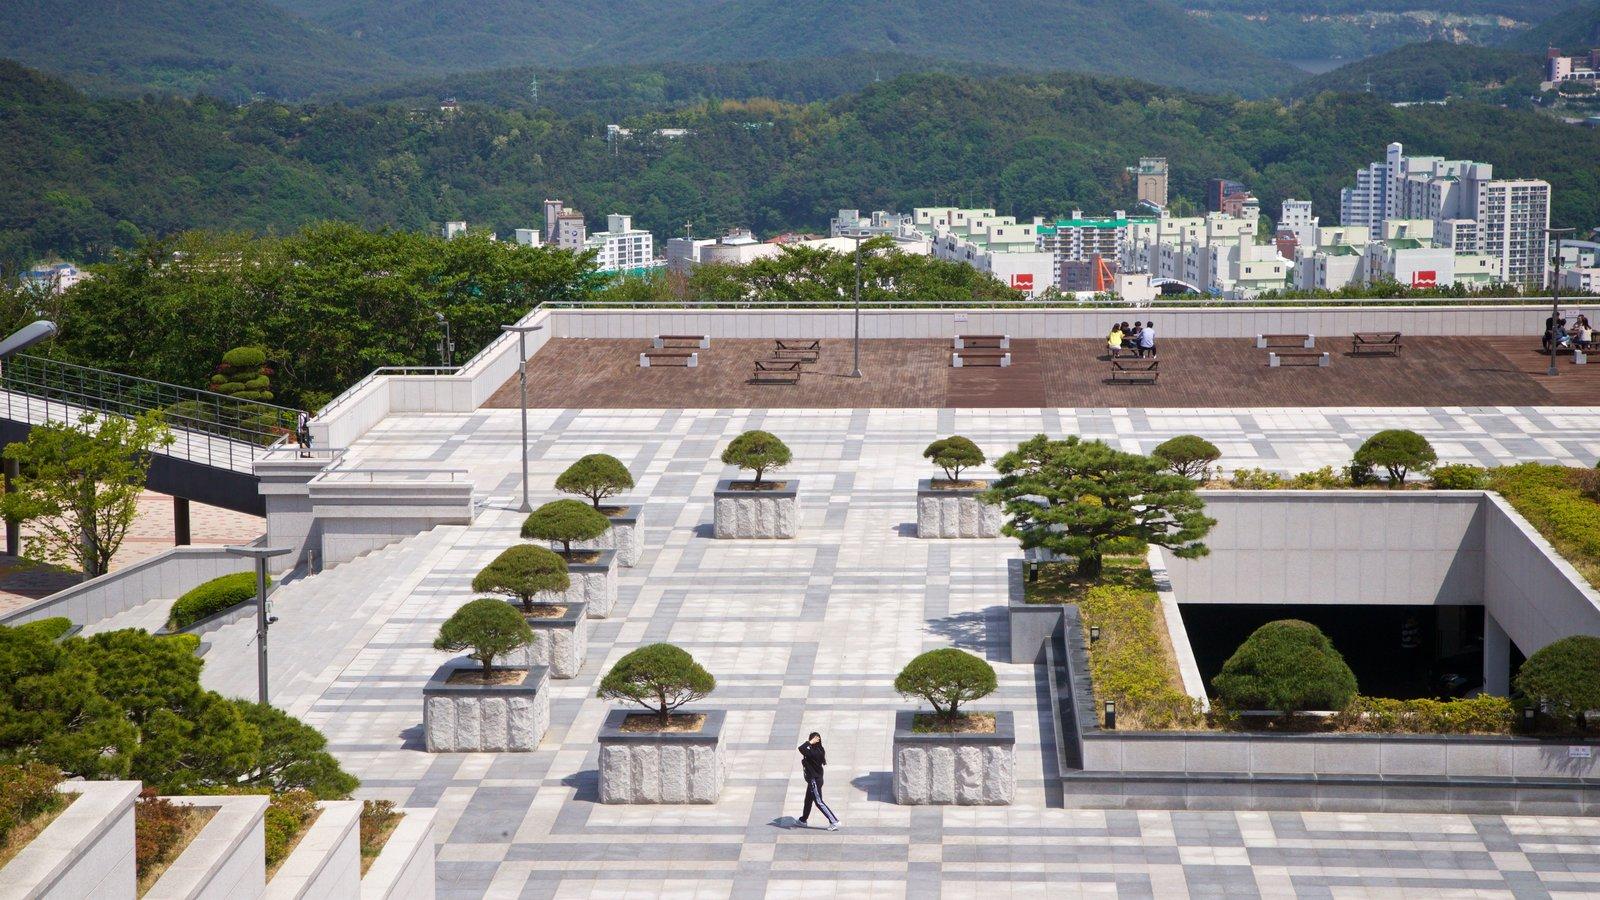 Universidad de Estudios Extranjeros de Busan mostrando un parque o plaza